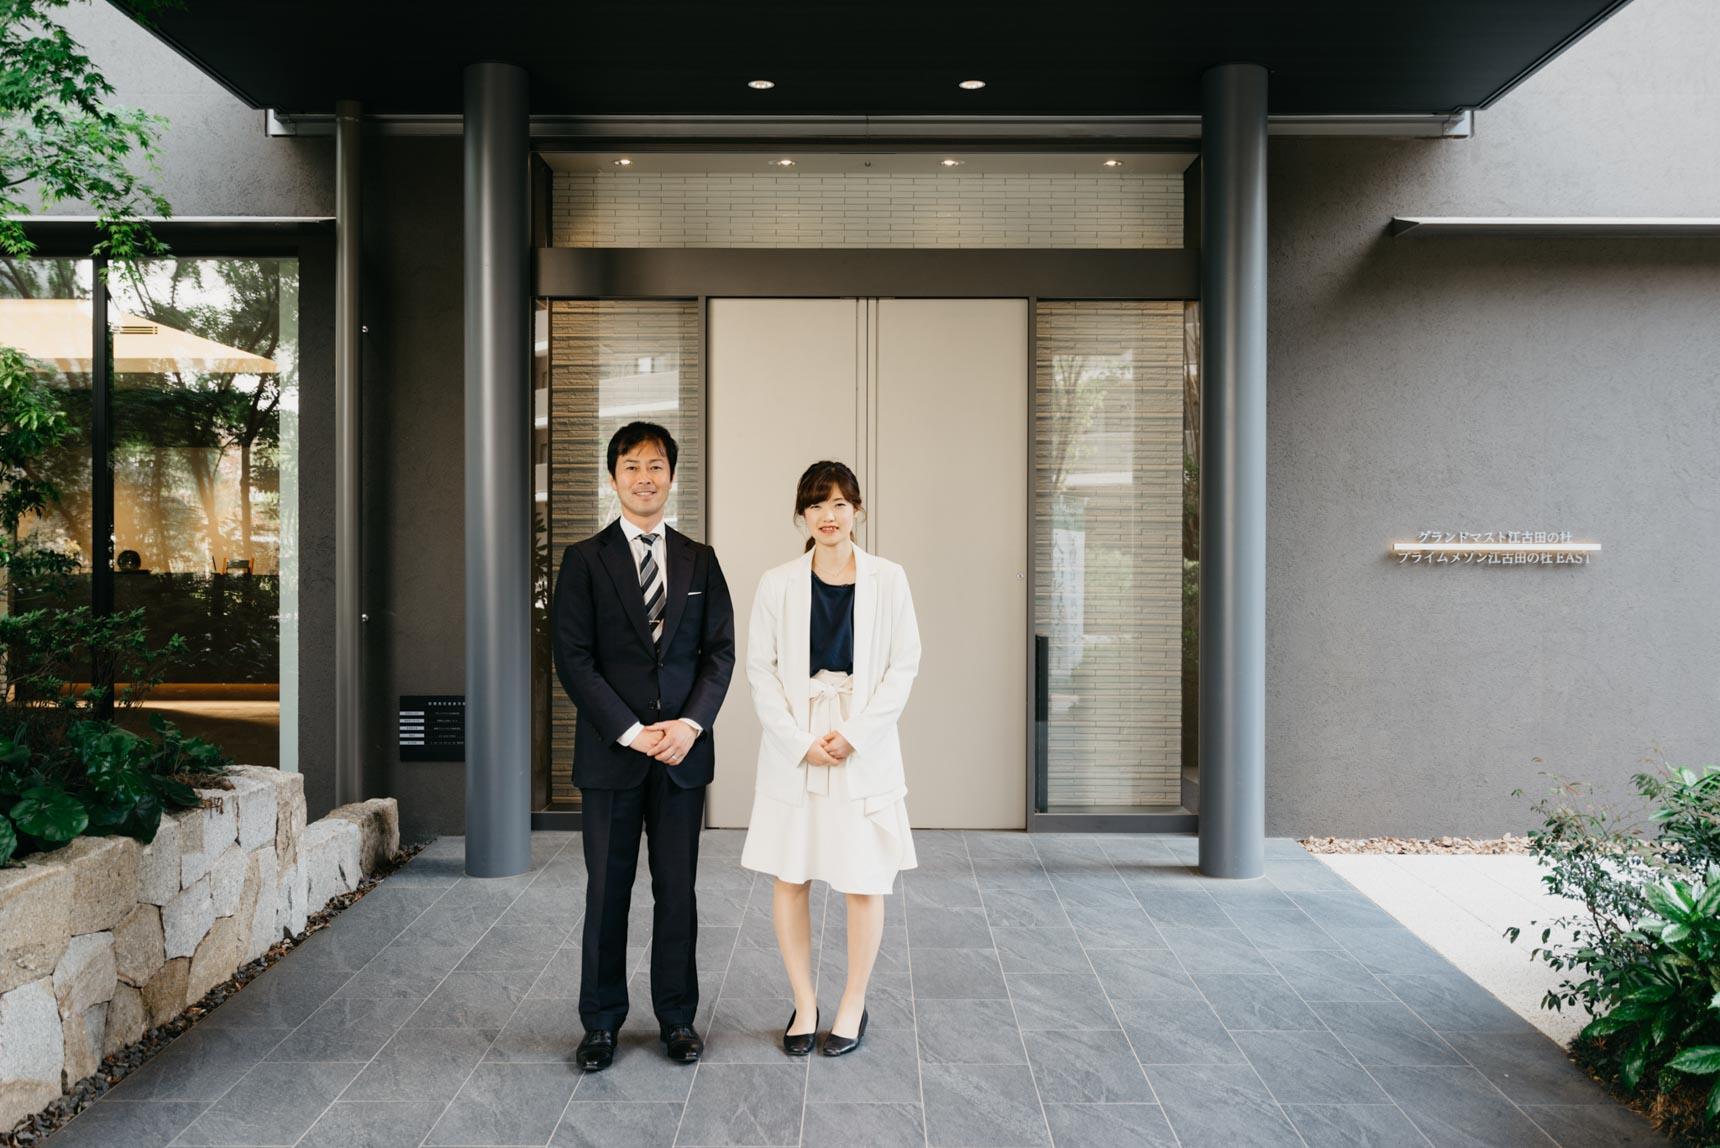 ご案内してくださったのは「プライムメゾン江古田の杜」を管理する株式会社イチイの高野さん(写真左)と清水さん(写真右)。